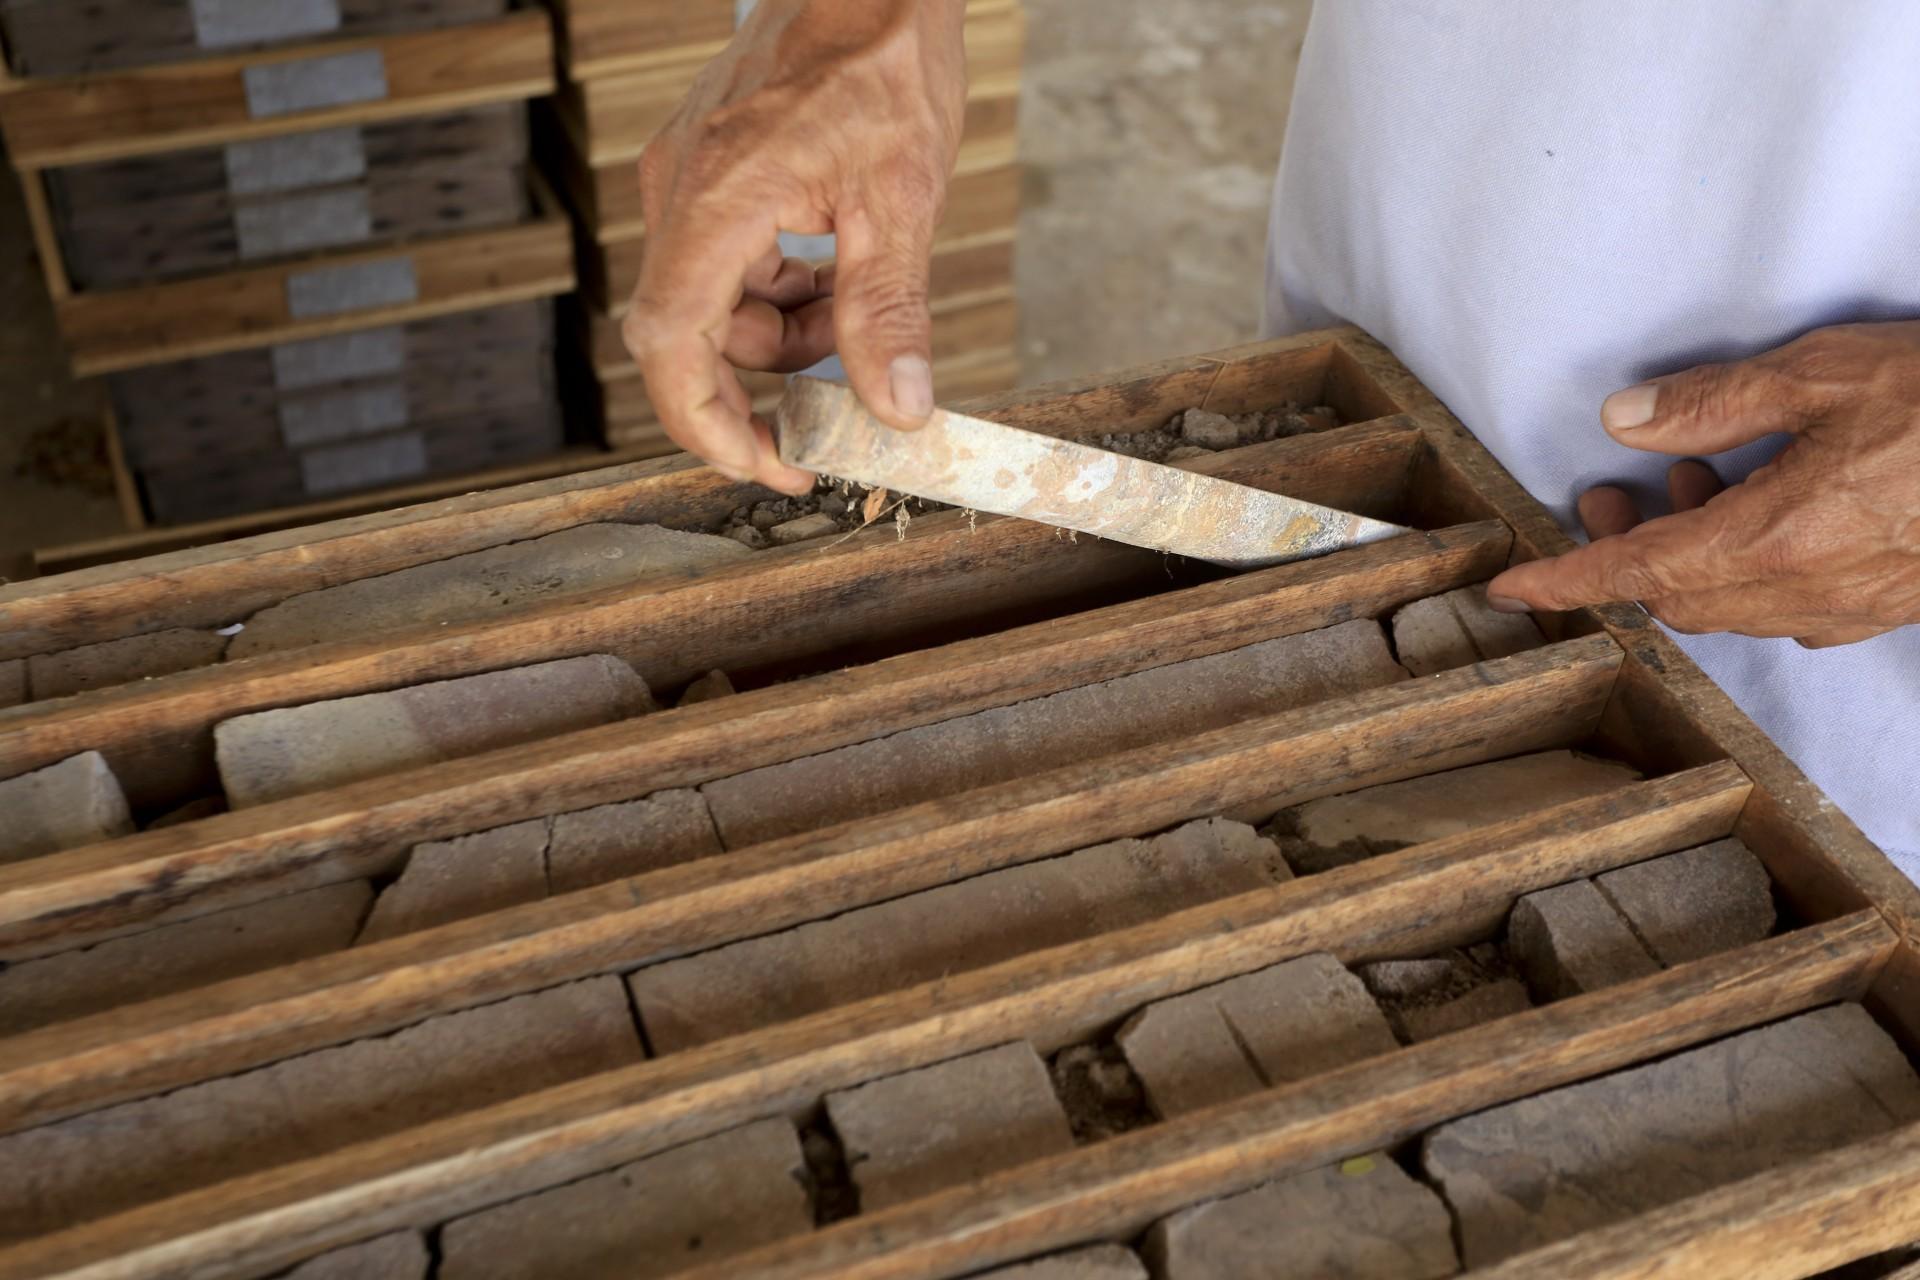 (Foto: O POVO)SANTA QUITÉRIA, CE, BRASIL, 20-07-2015: Amostras de minérios no acampamento para trabalhadores da mina de urânio e fosfato de Itataia. Mina de urânio (minério) em Santa Quitéria. (Foto: Fábio Lima/O POVO)